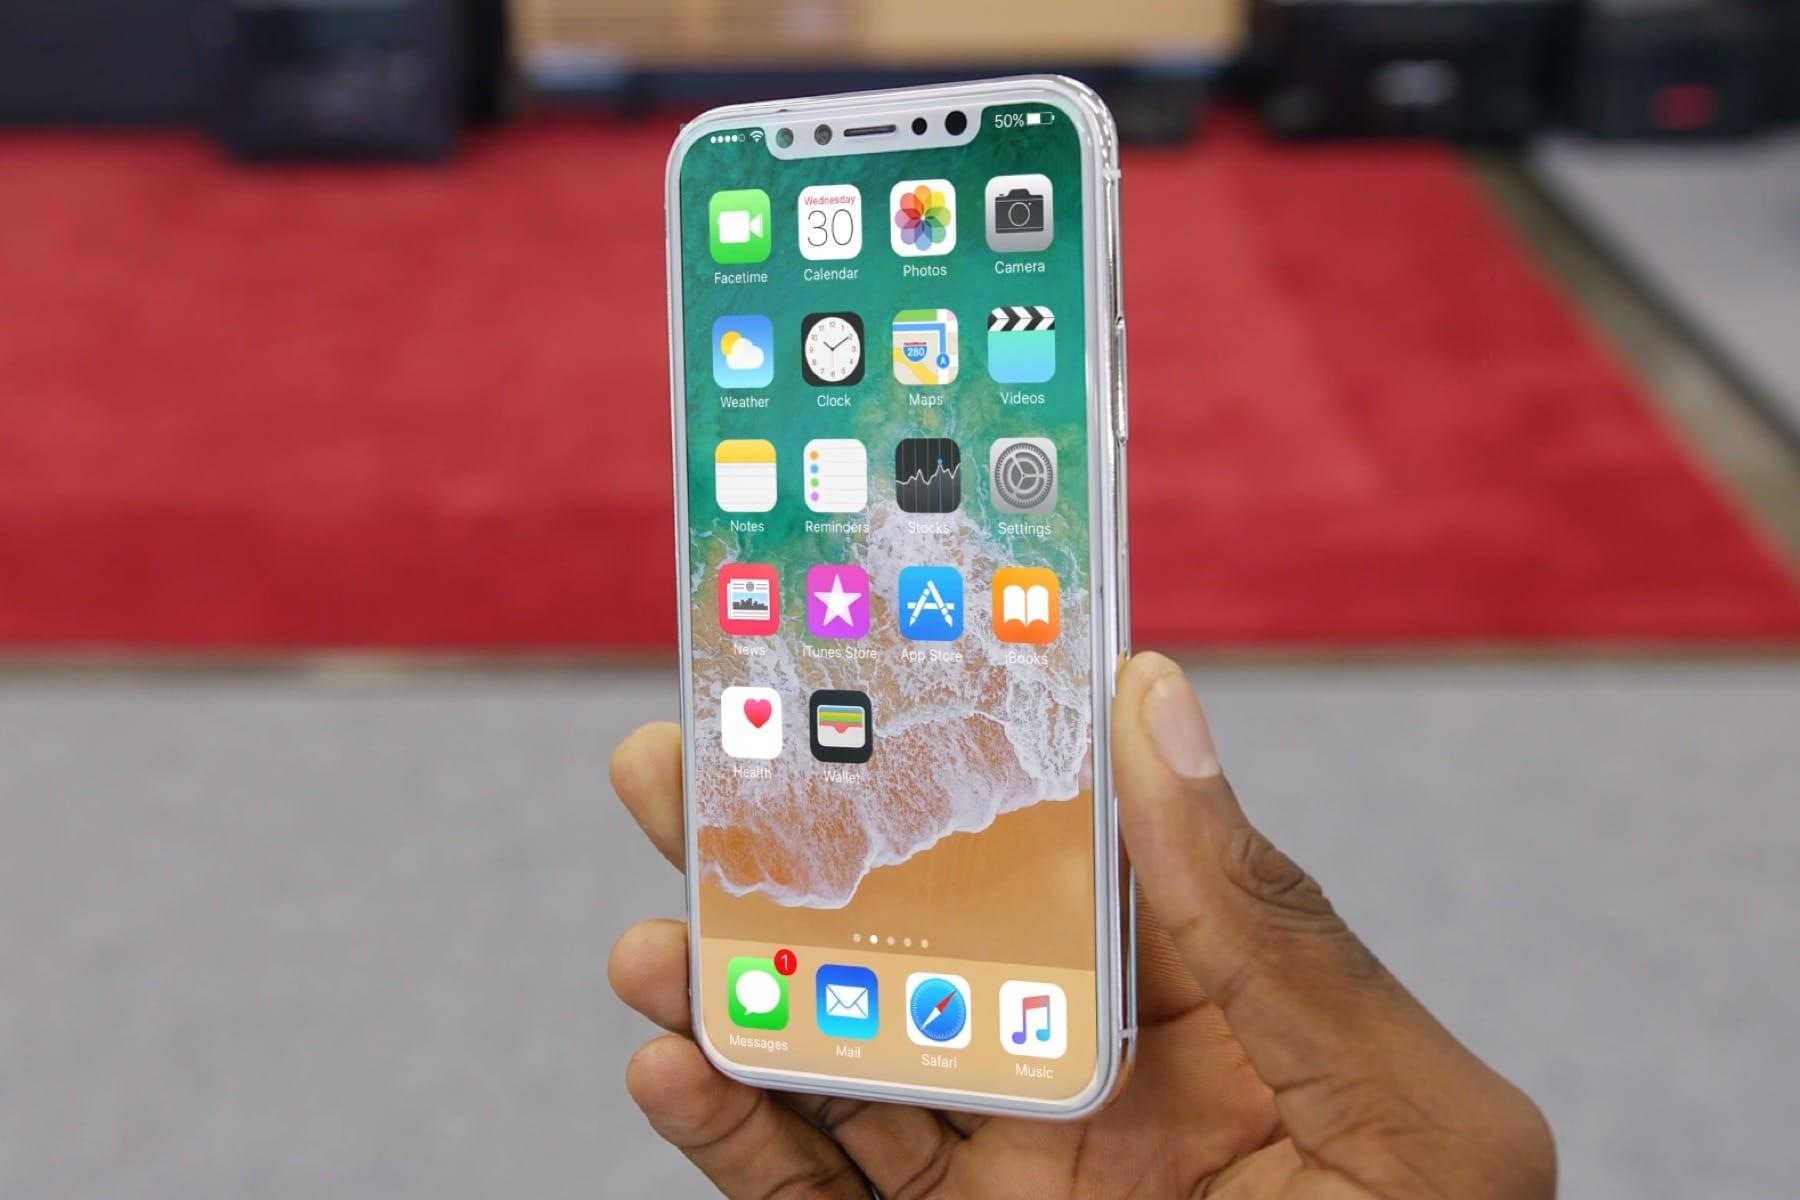 Цена засамый доступный iPhone XвБразилии составляет 2170 долларов